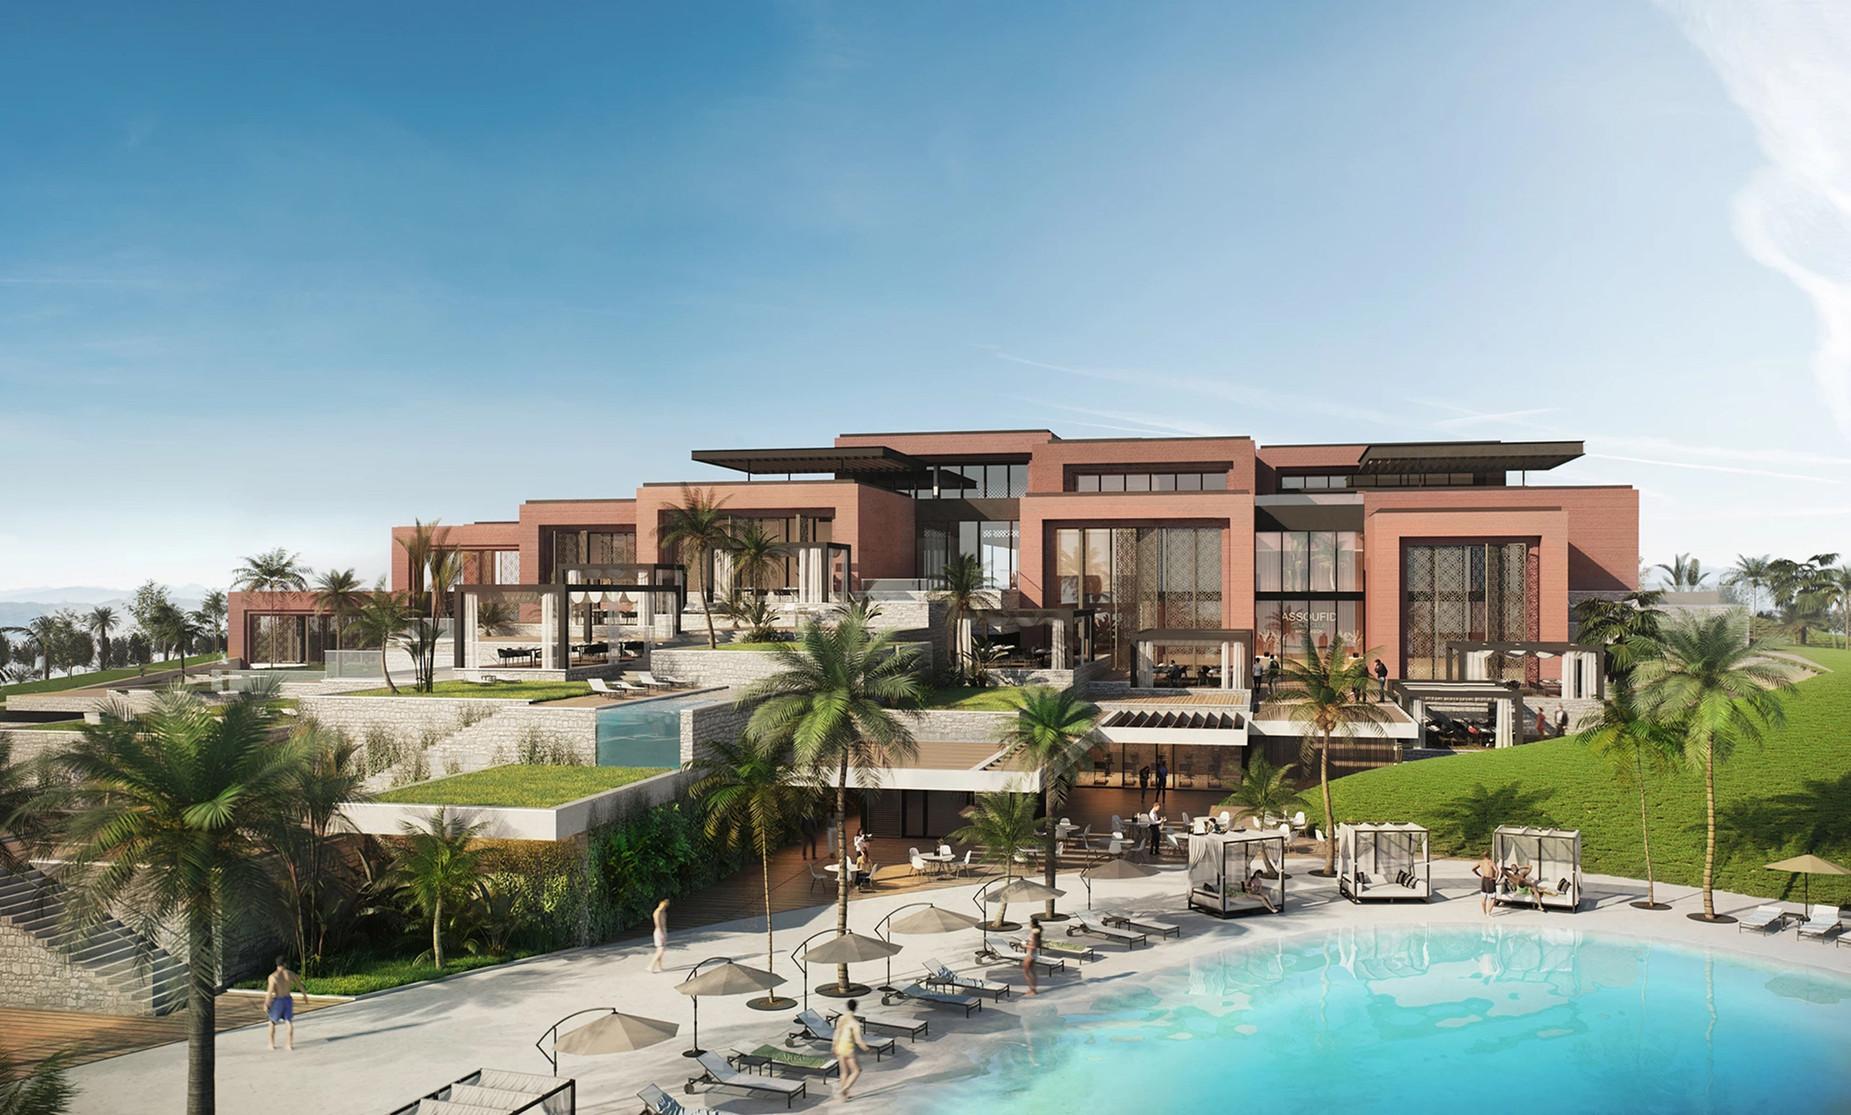 Assoufid Golf Hotel